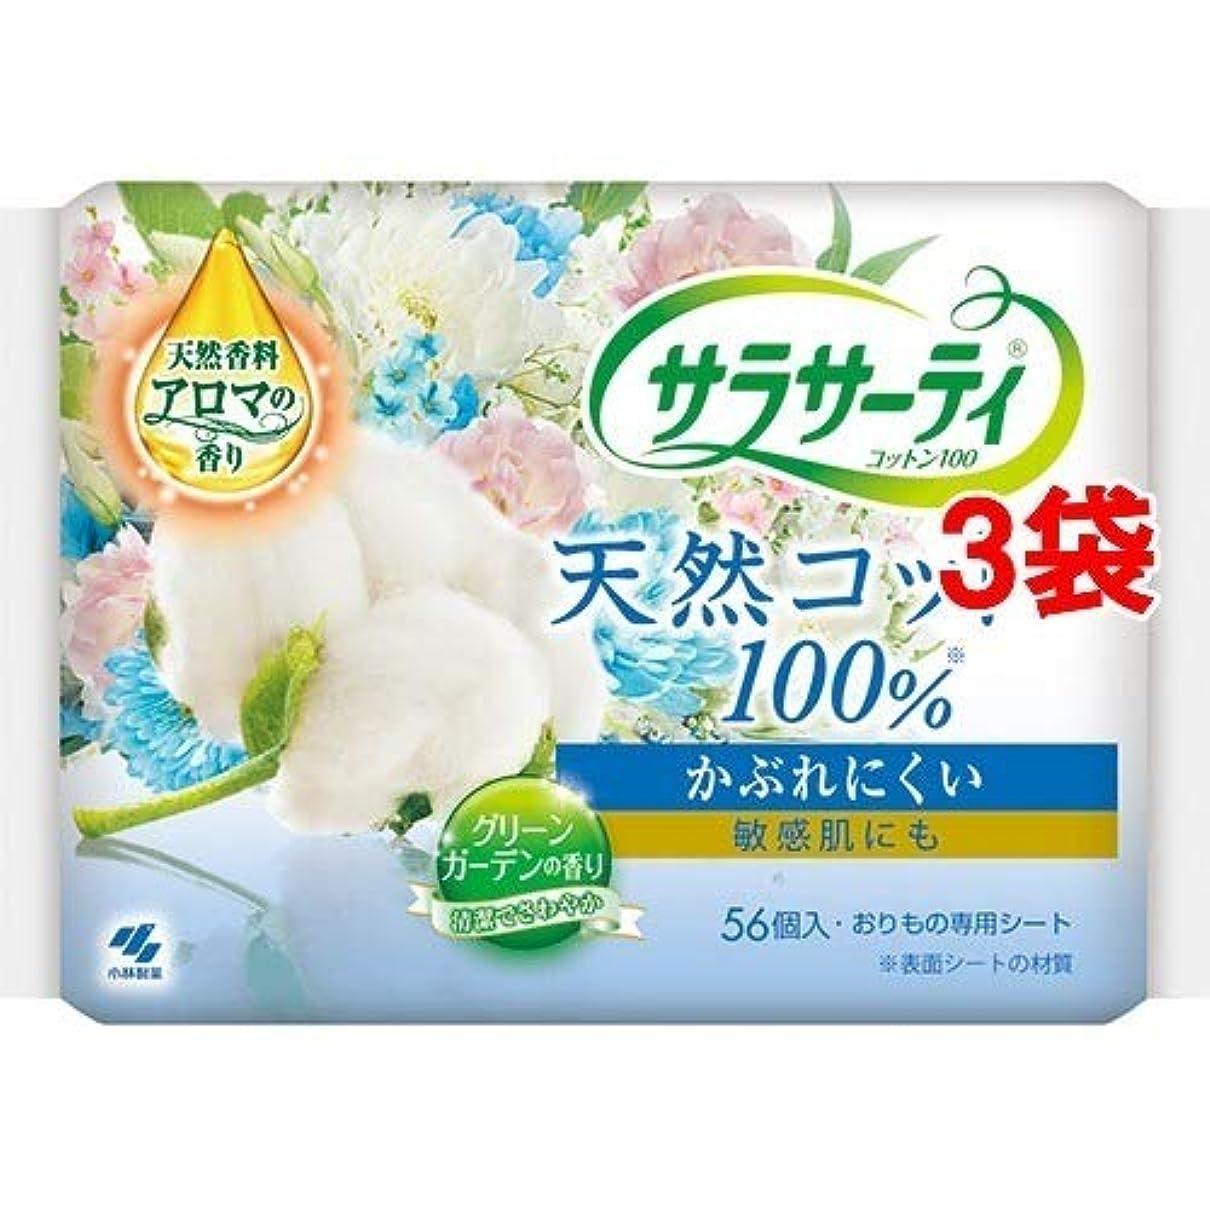 教育仮装ジャケットサラサーティ コットン100 グリーンガーデンの香り(56枚入*3袋セット) 日用品 生理用品 パンティーライナー [並行輸入品] k1-62887-ak